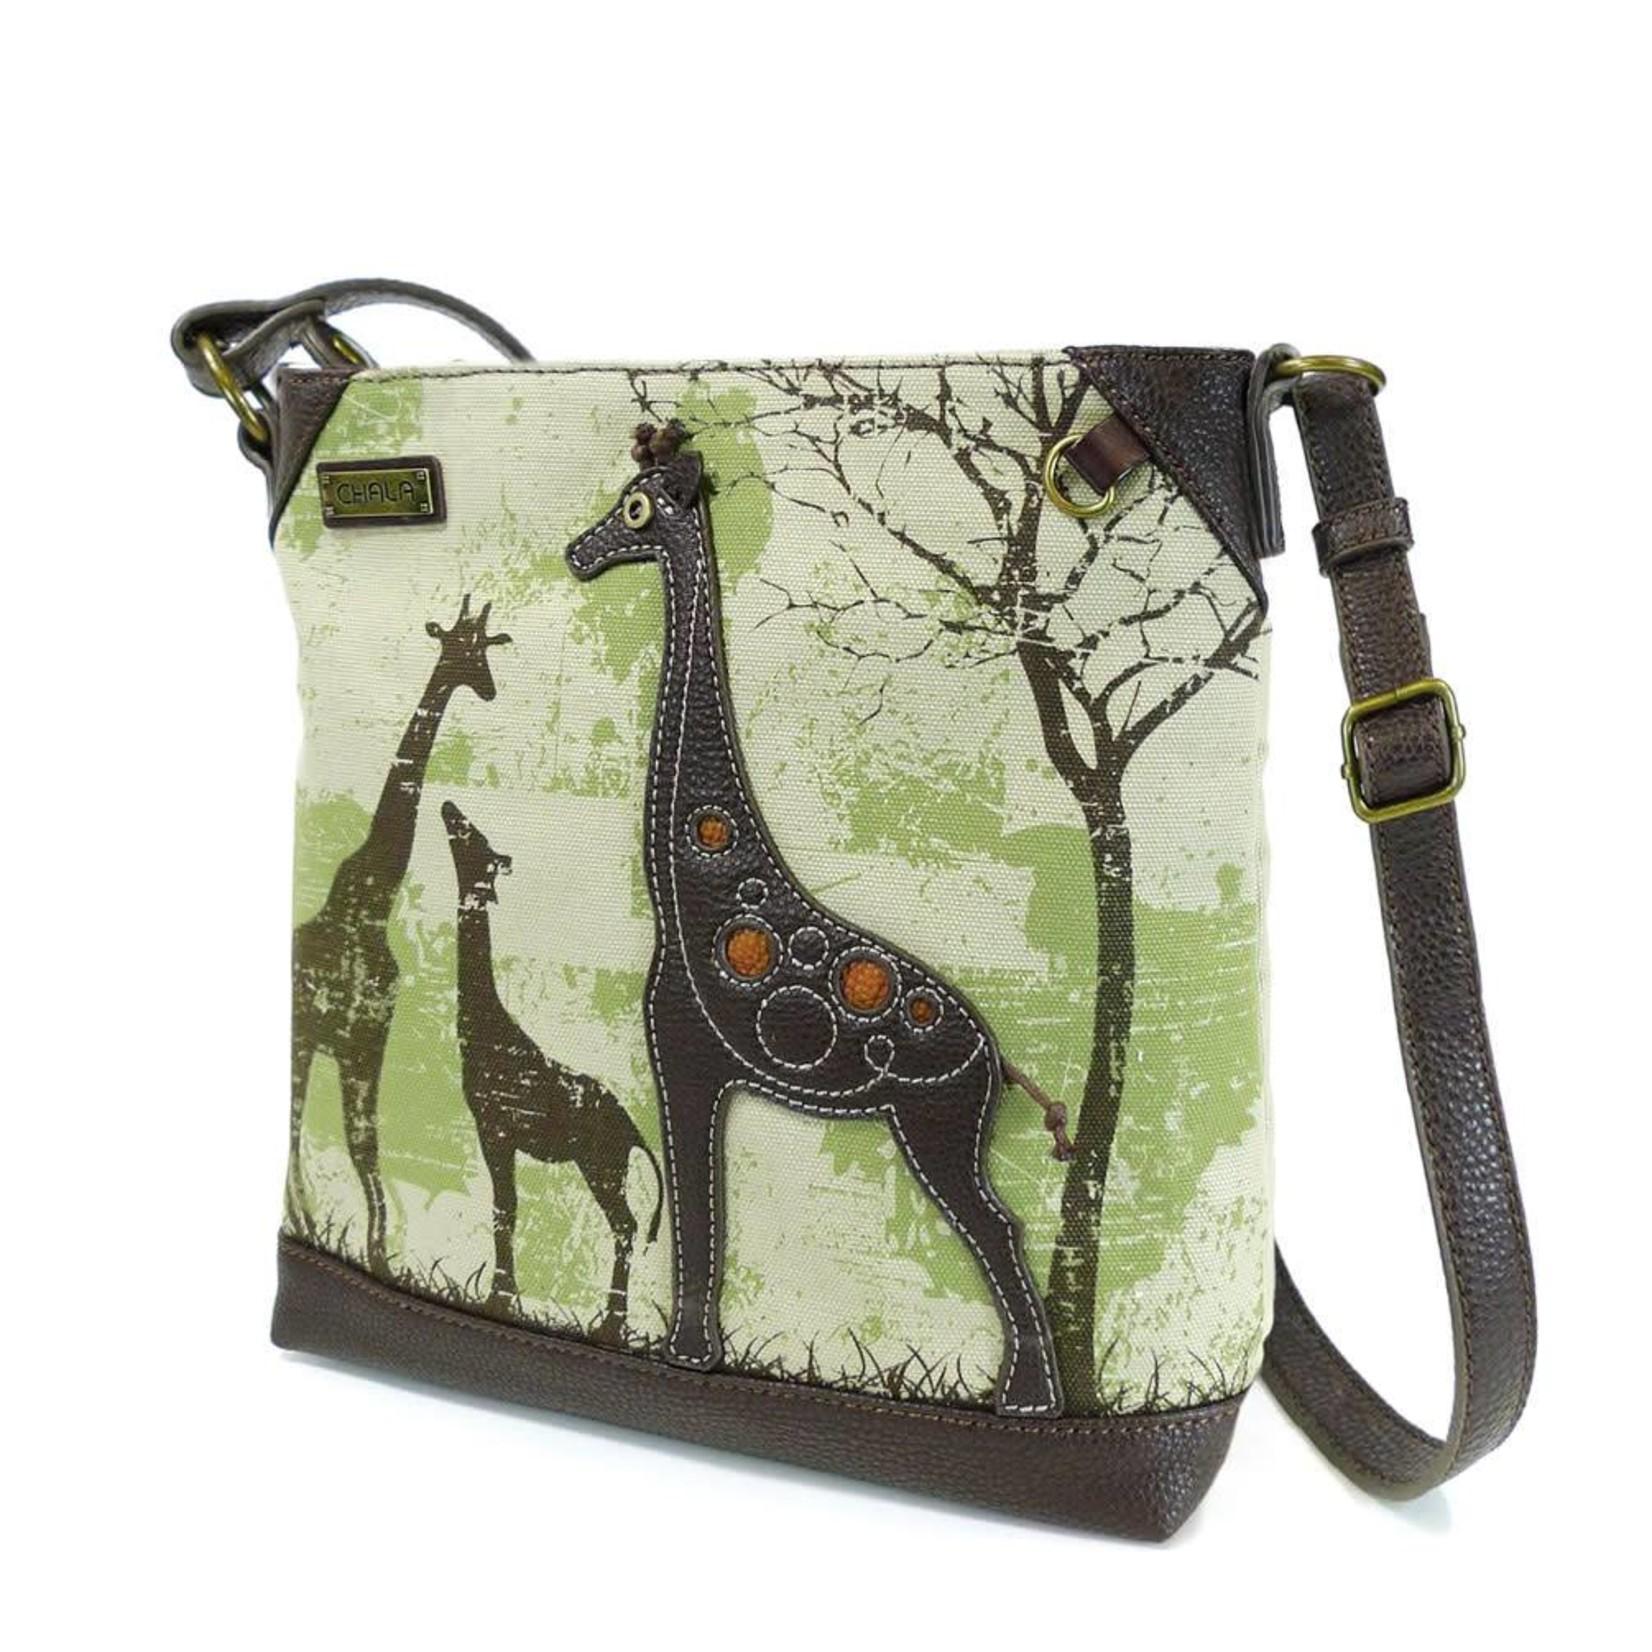 Chala Safari Giraffe Canvas Crossbody